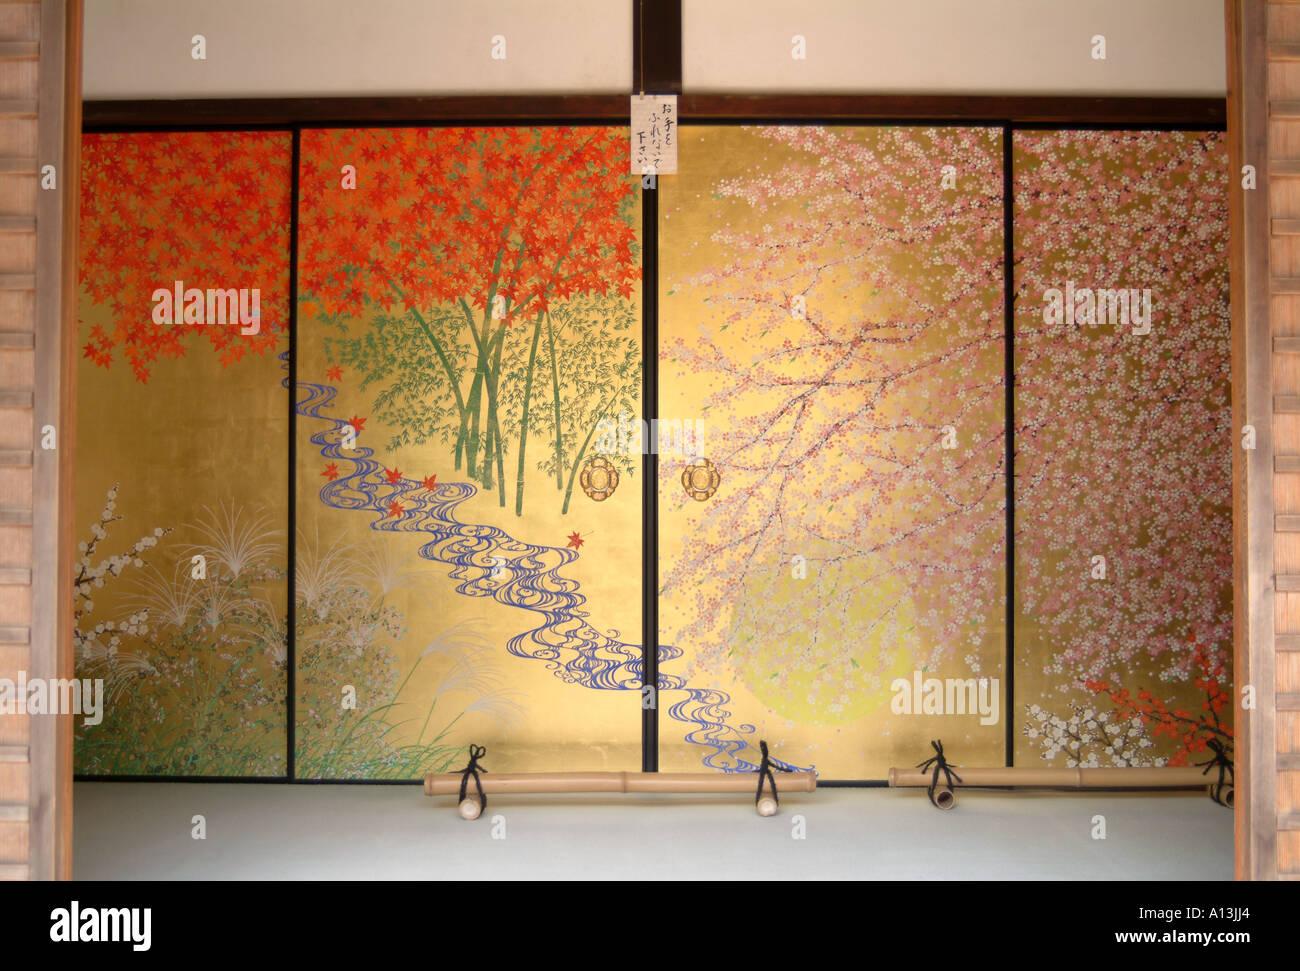 Japanese Screen Doors Stock Photos & Japanese Screen Doors Stock ...